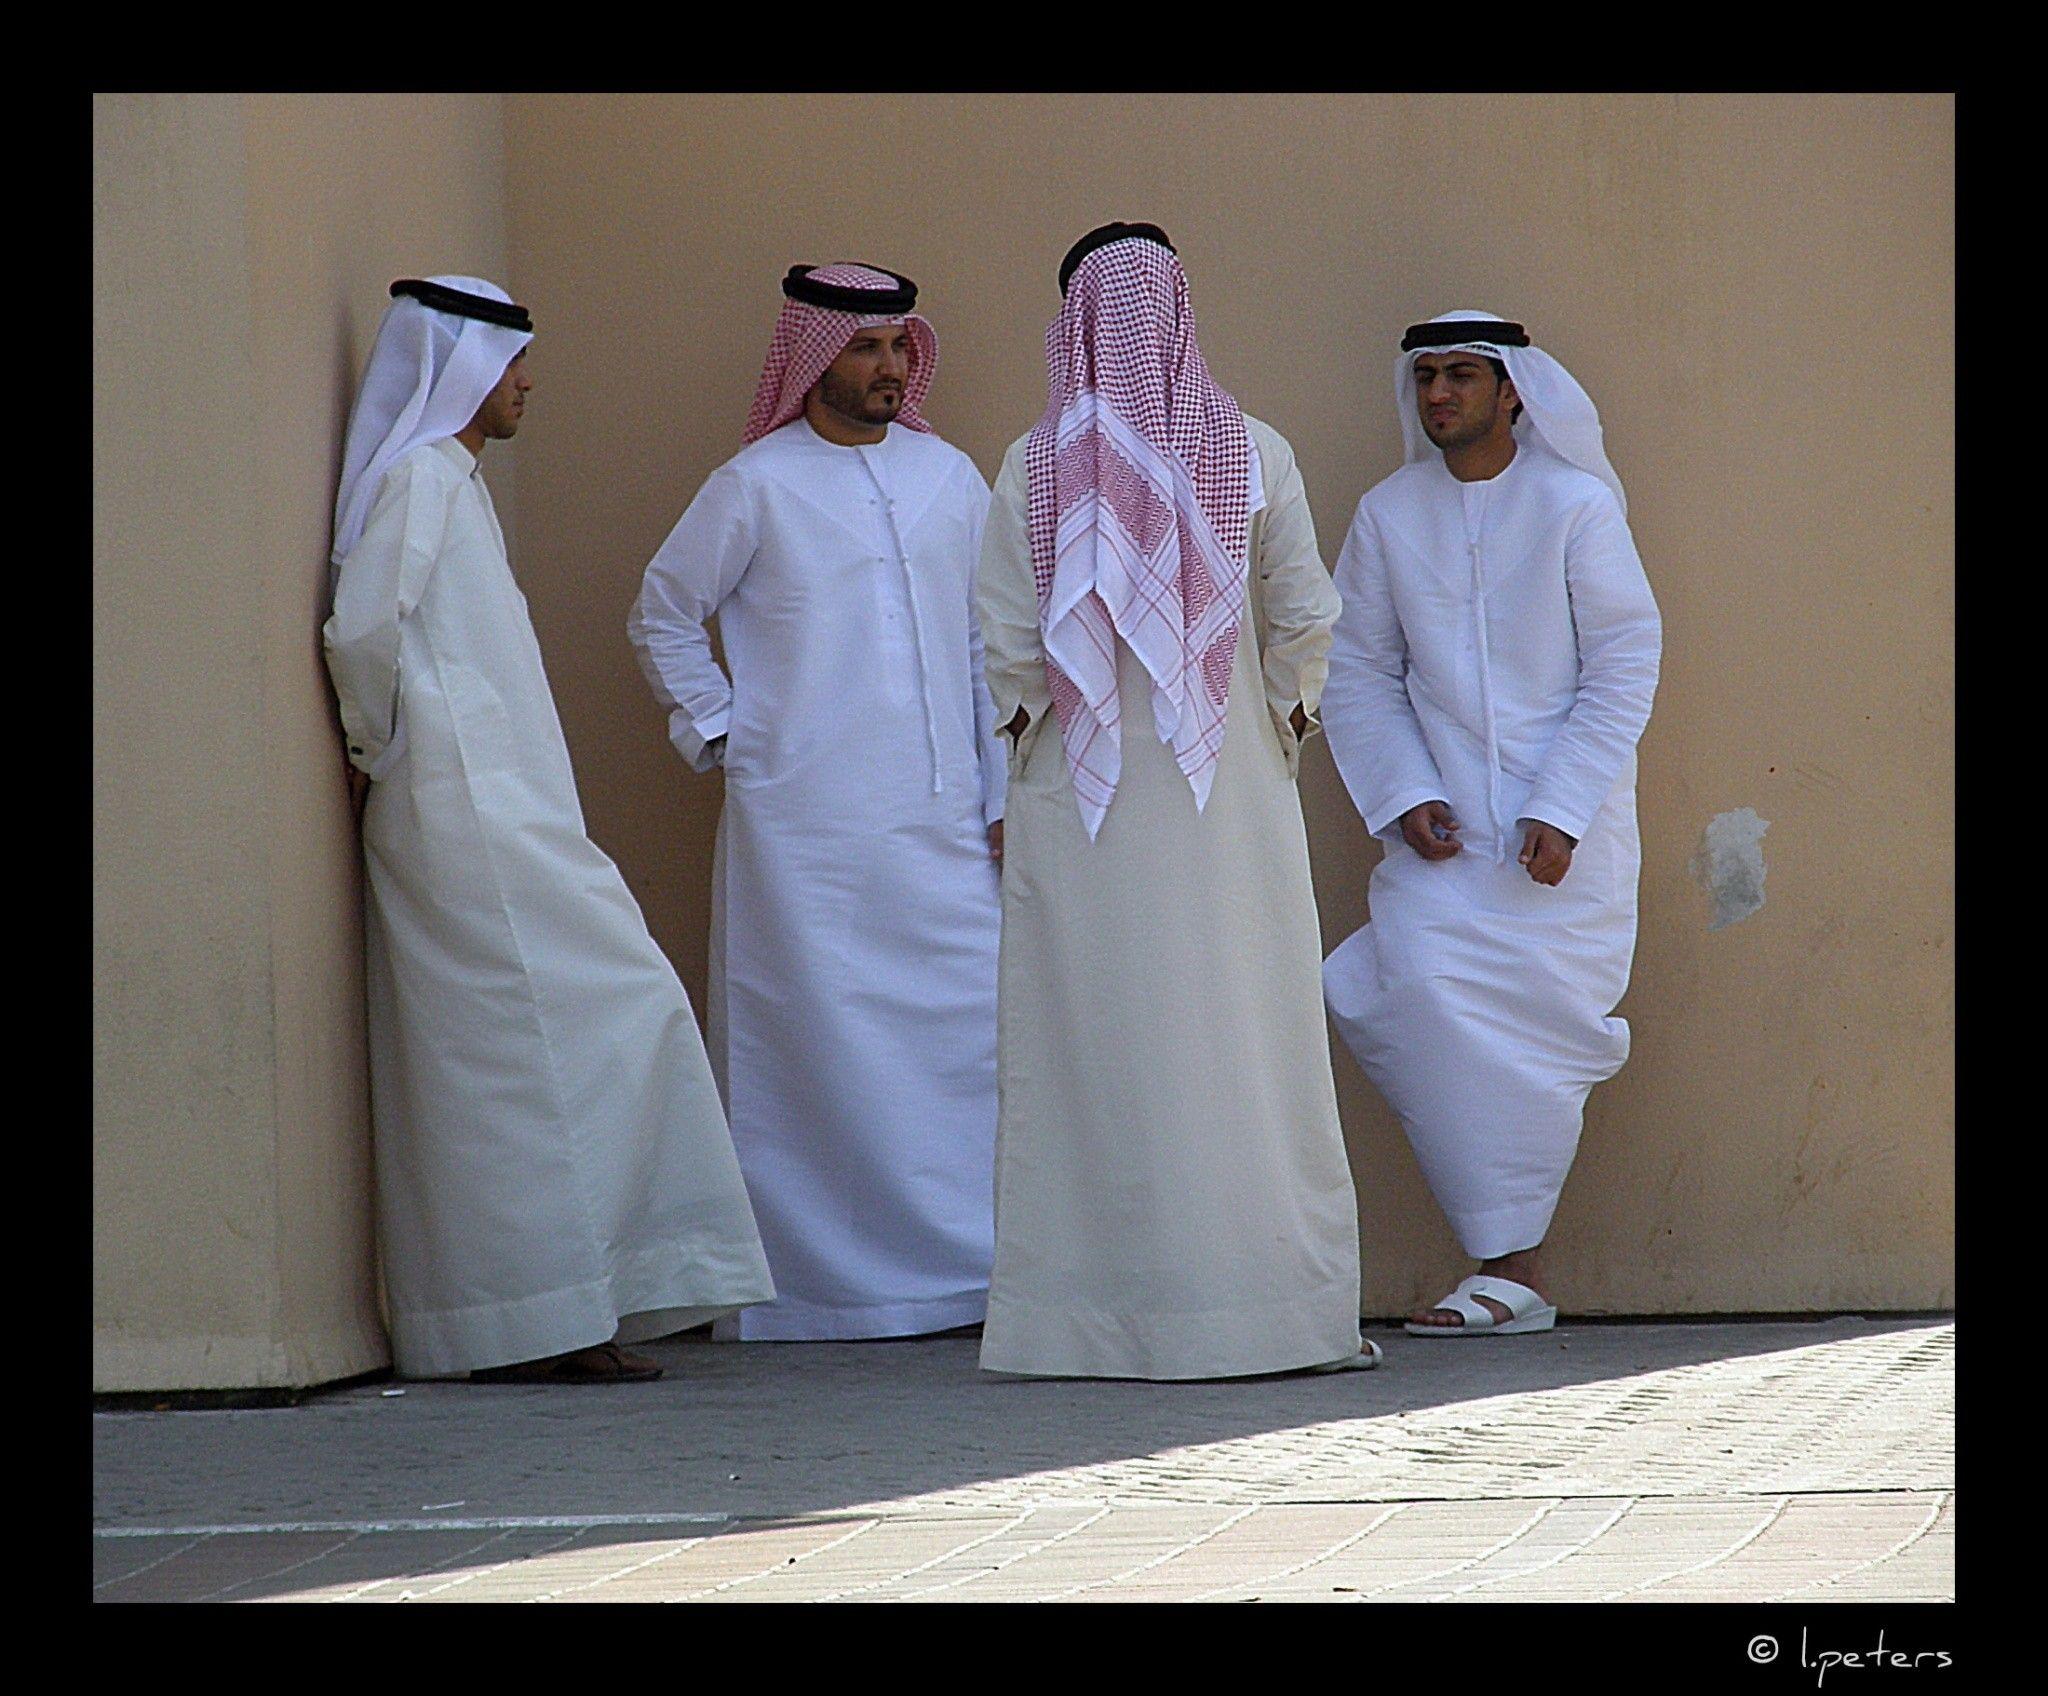 буквально арабские эмираты мужчины фото валенсии его визитная